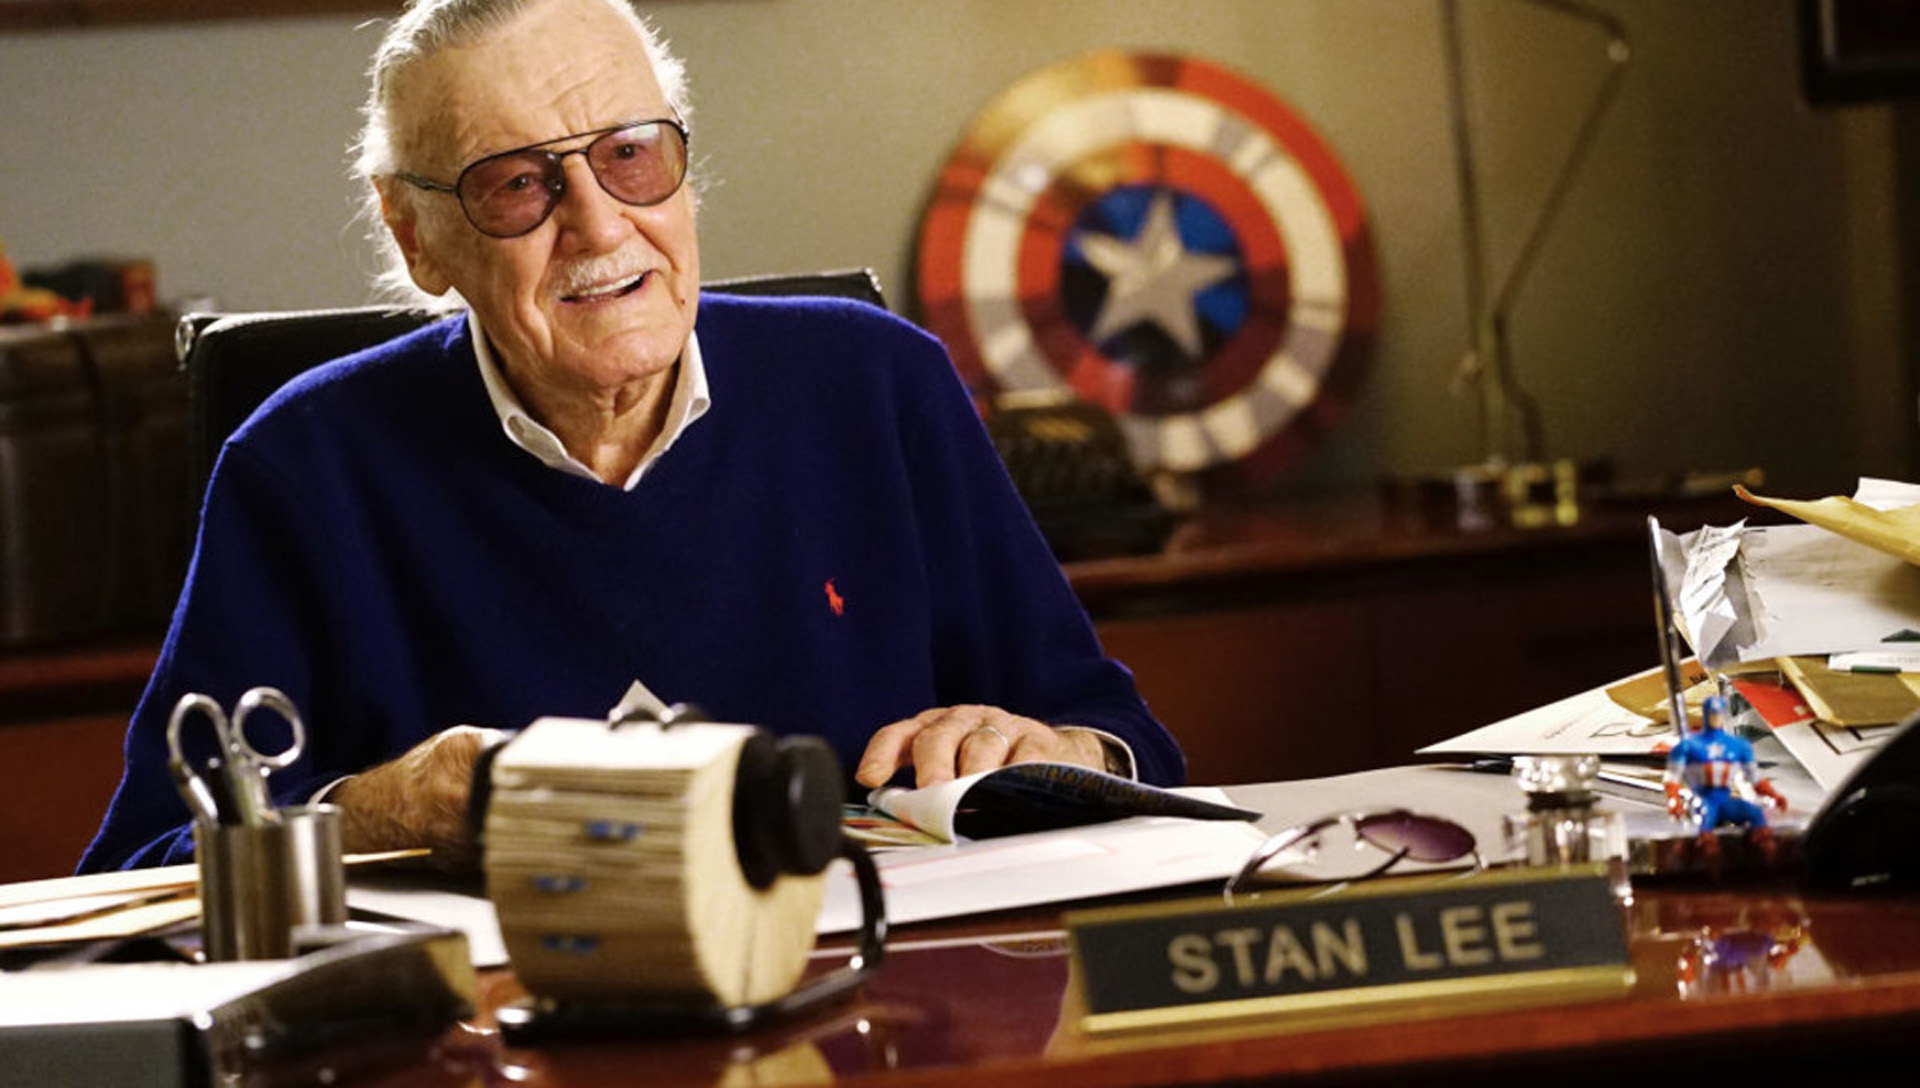 Stan Lee, el legendario creador de Marvel, falleció el 12 de noviembre de 2018.